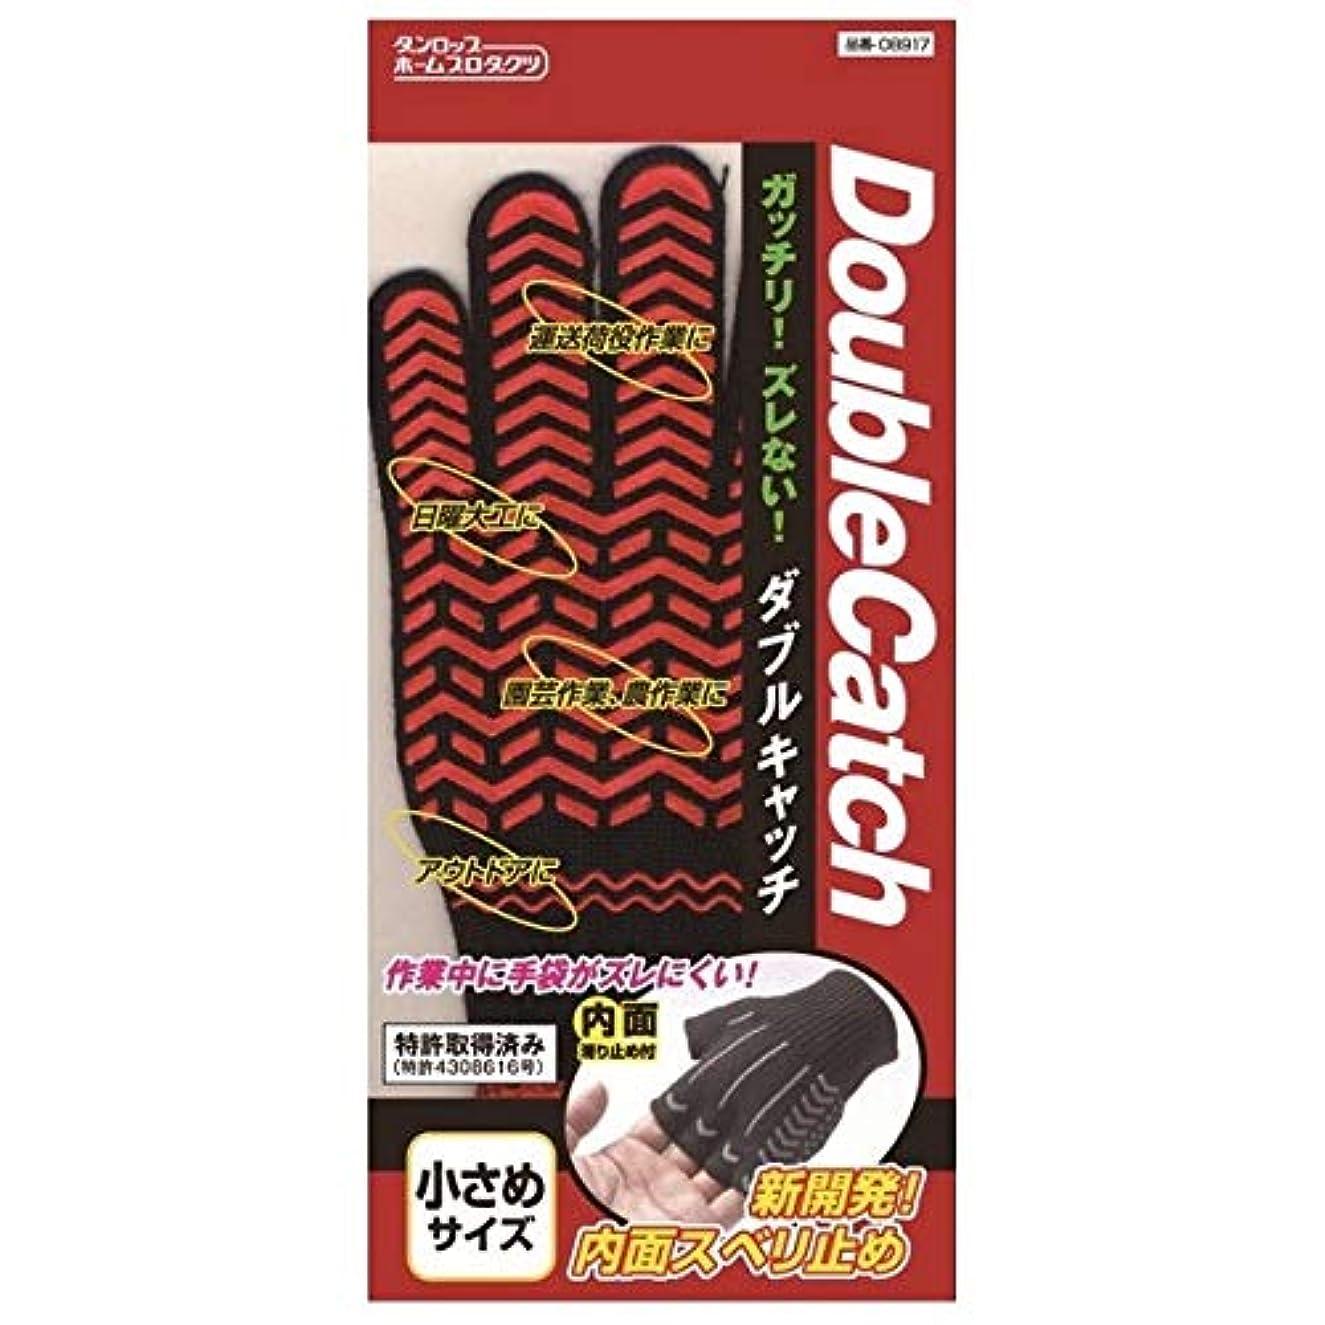 安心させる僕の知るダンロップ ダブルキャッチ 手袋 小さめサイズ レッド 10双×12袋(120双)